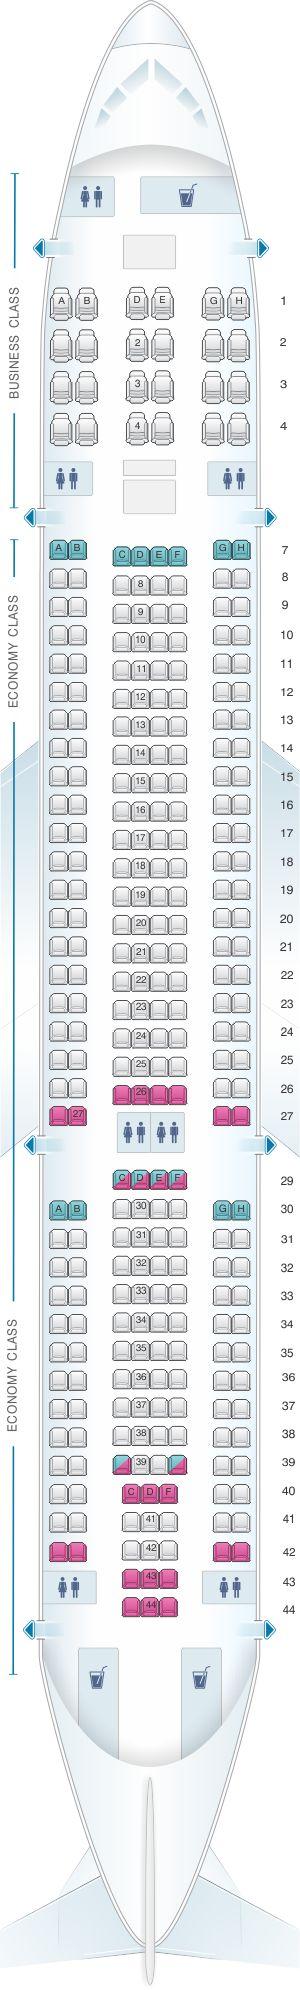 Mapa de asientos de Air Europa Airbus A330 200. Plano del avión detallado con información adicional sobre el espacio para las piernas, grado de reclinación y las amenidades.